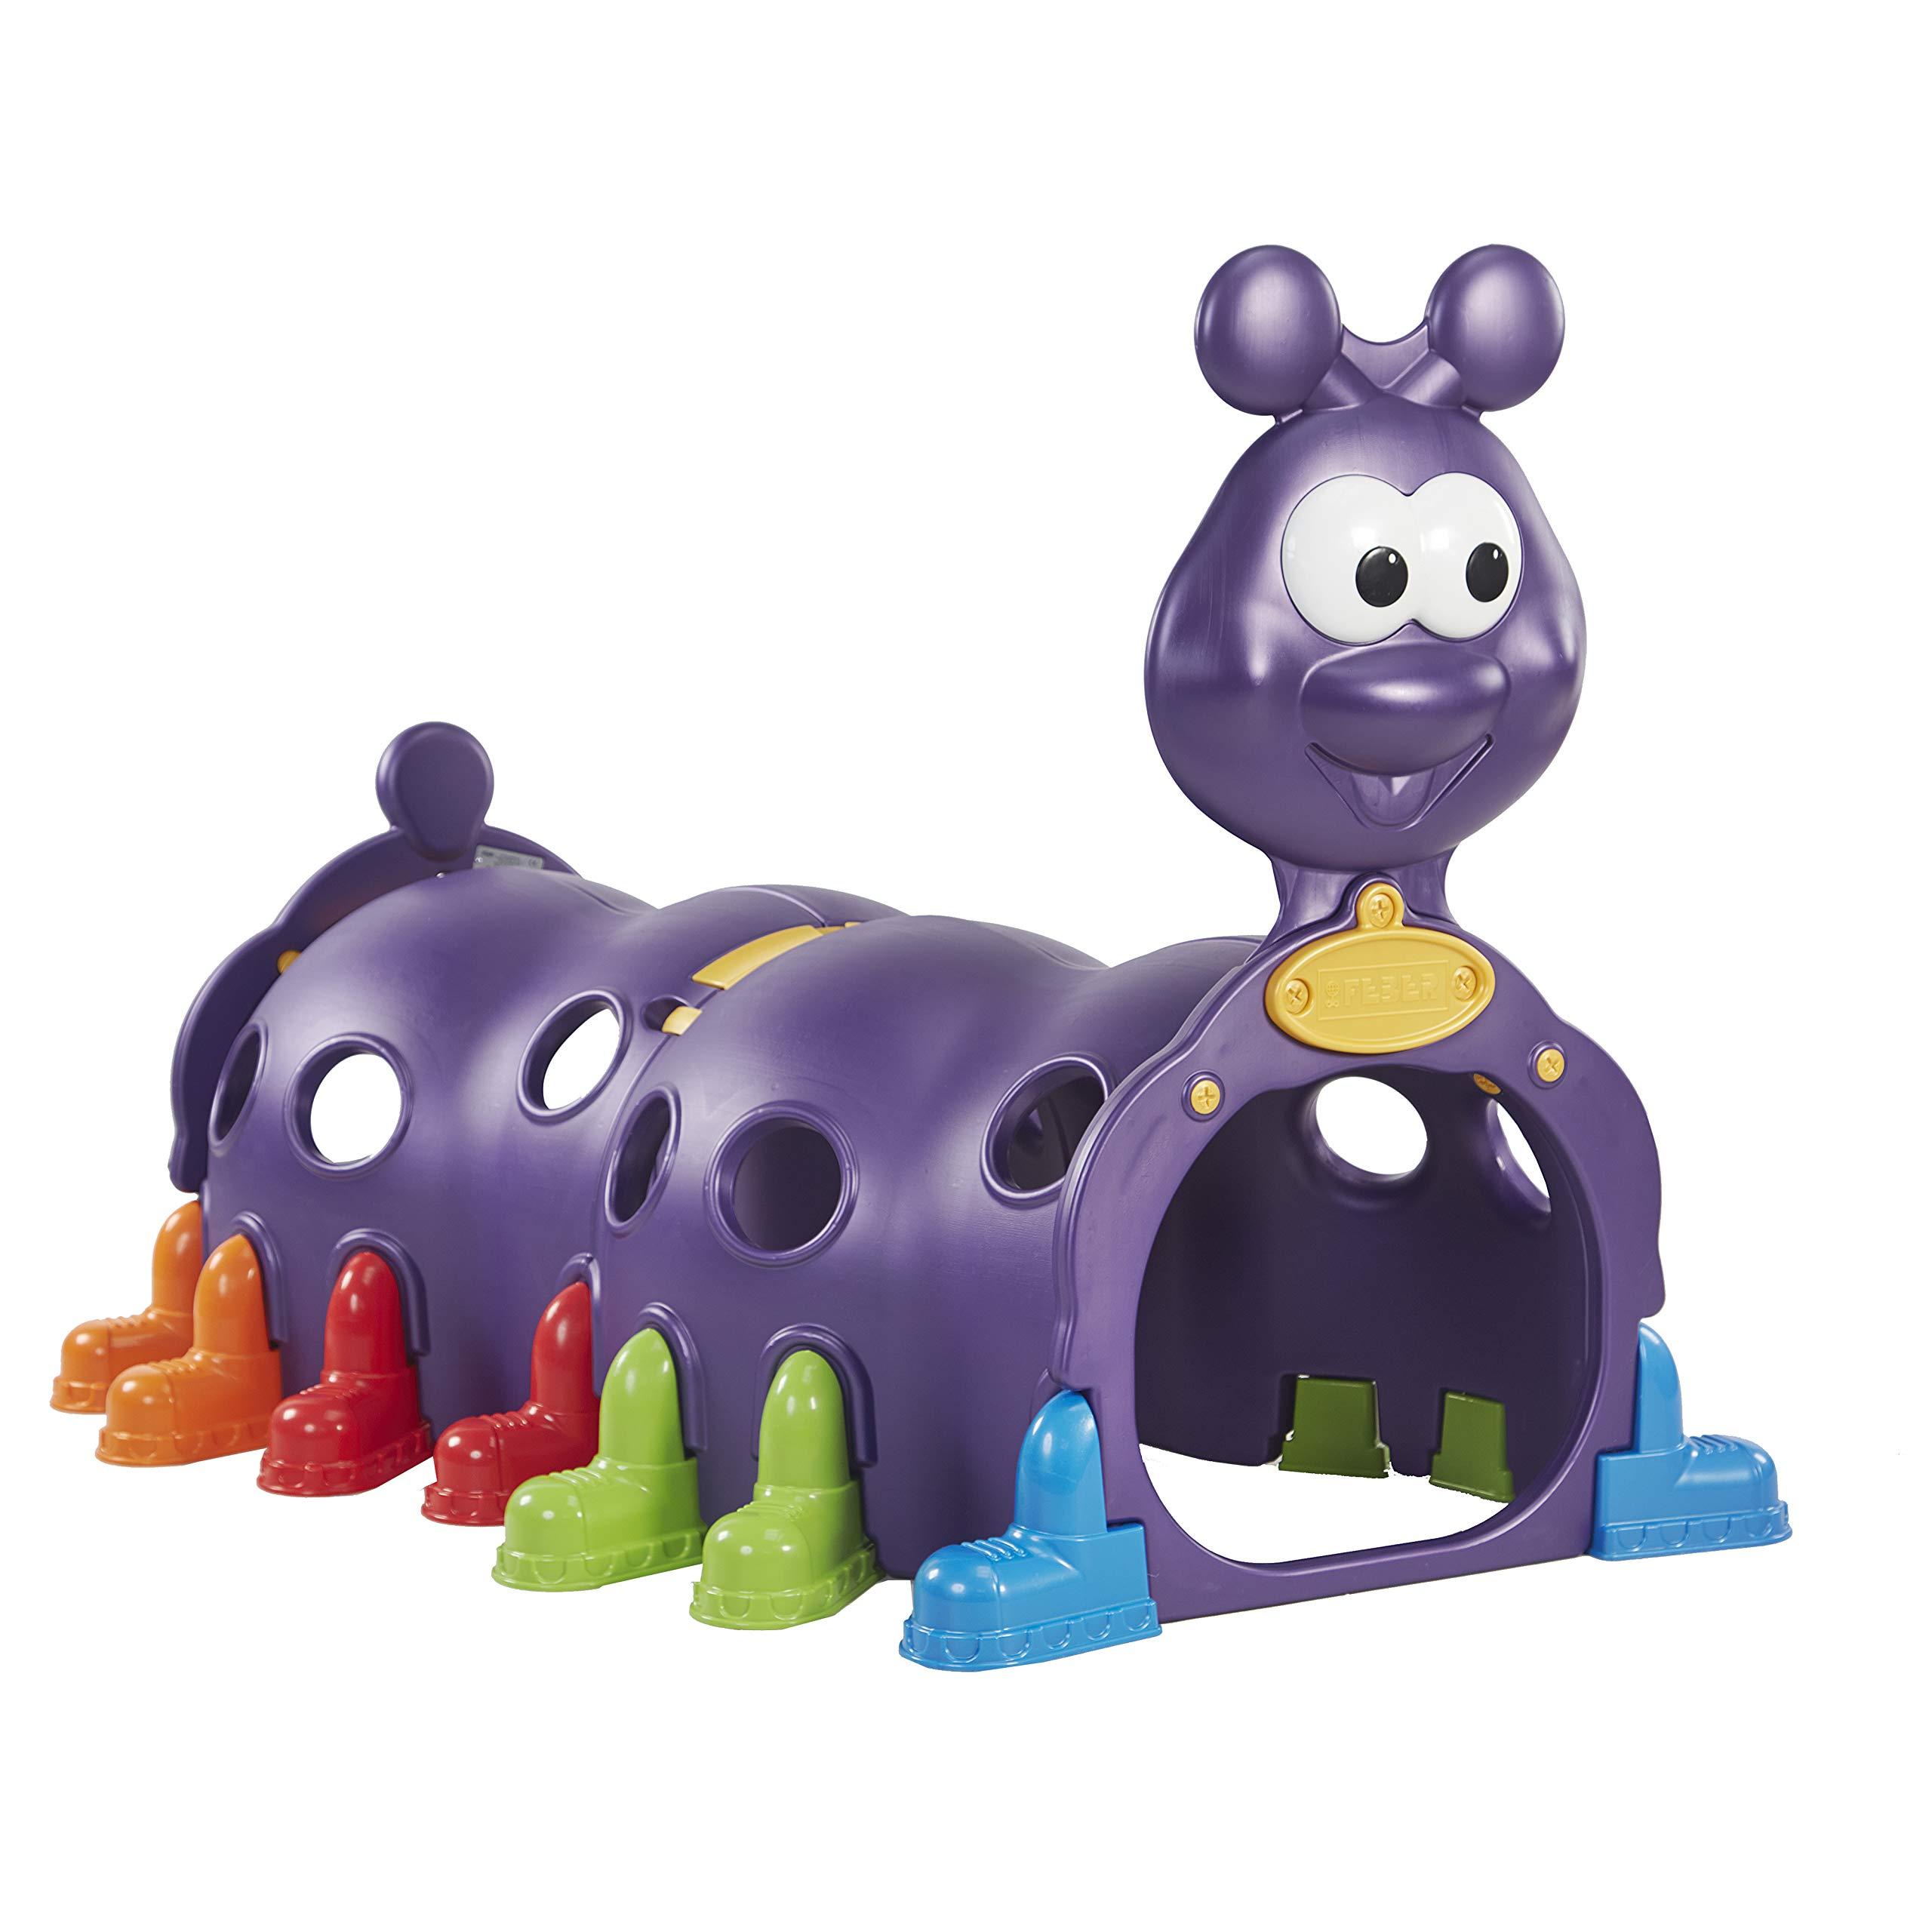 ECR4Kids ELR-12511 Indoor/Outdoor Peek-A-Boo Caterpillar Climbing Play Structure for Kids, Purple